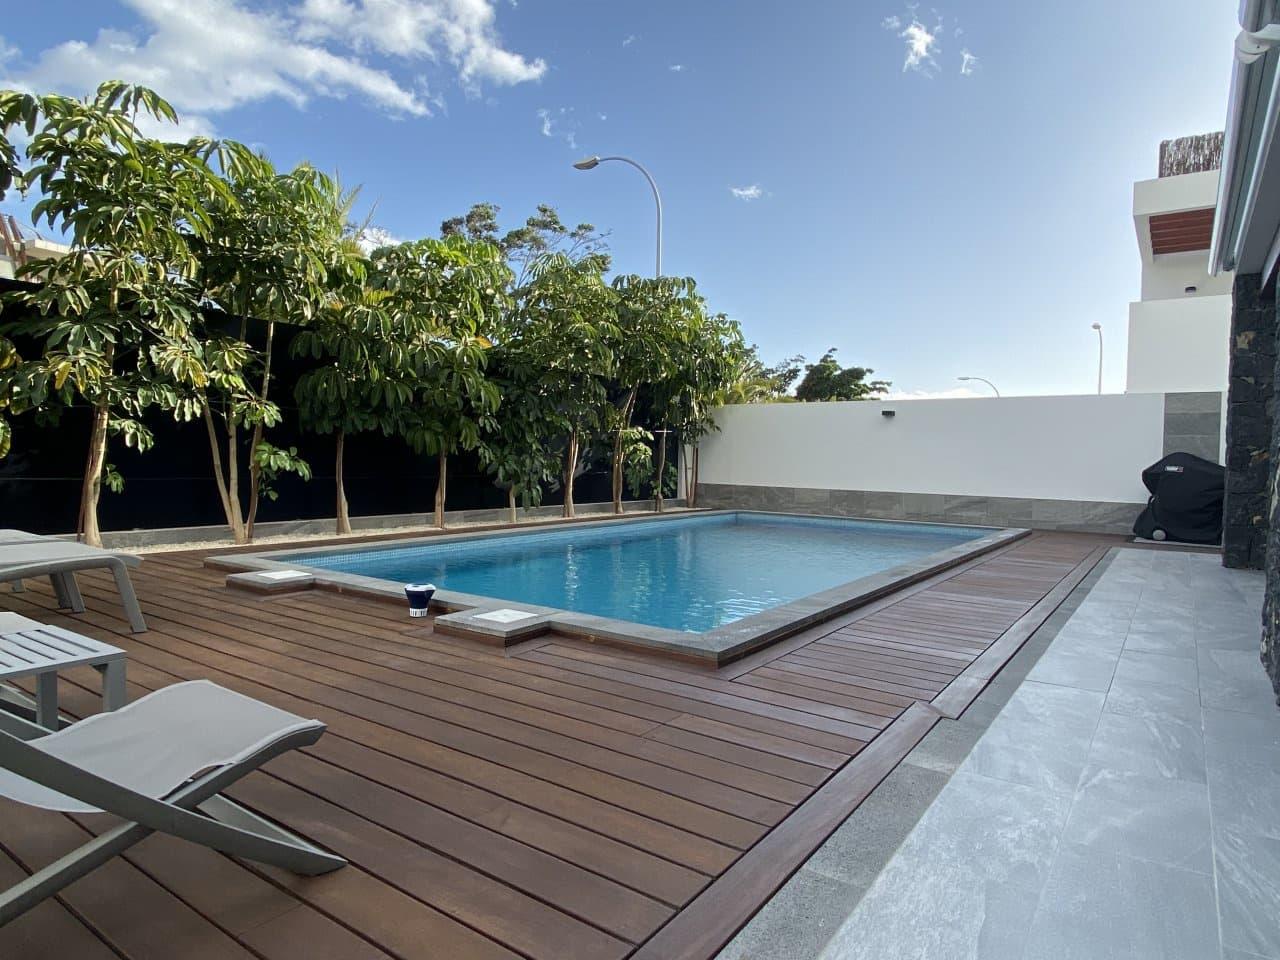 4 bedroom Villa for sale in Los Cristianos with pool - € 1,180,000 (Ref: 4982173)